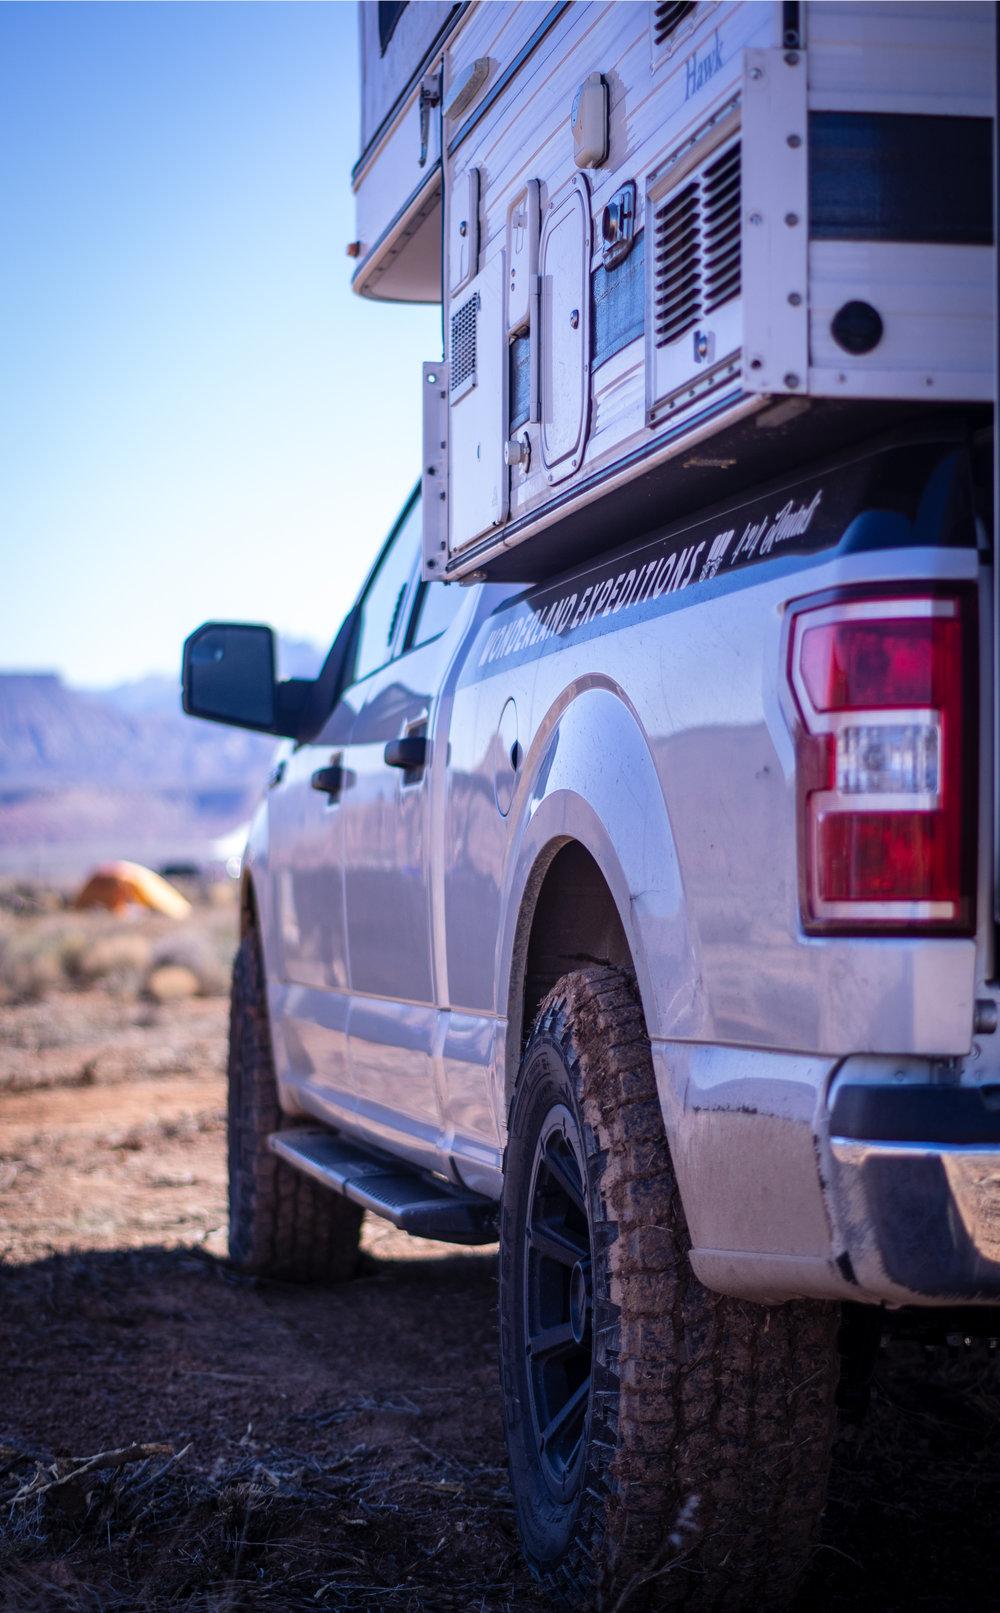 4x4 Truck Camper Rental